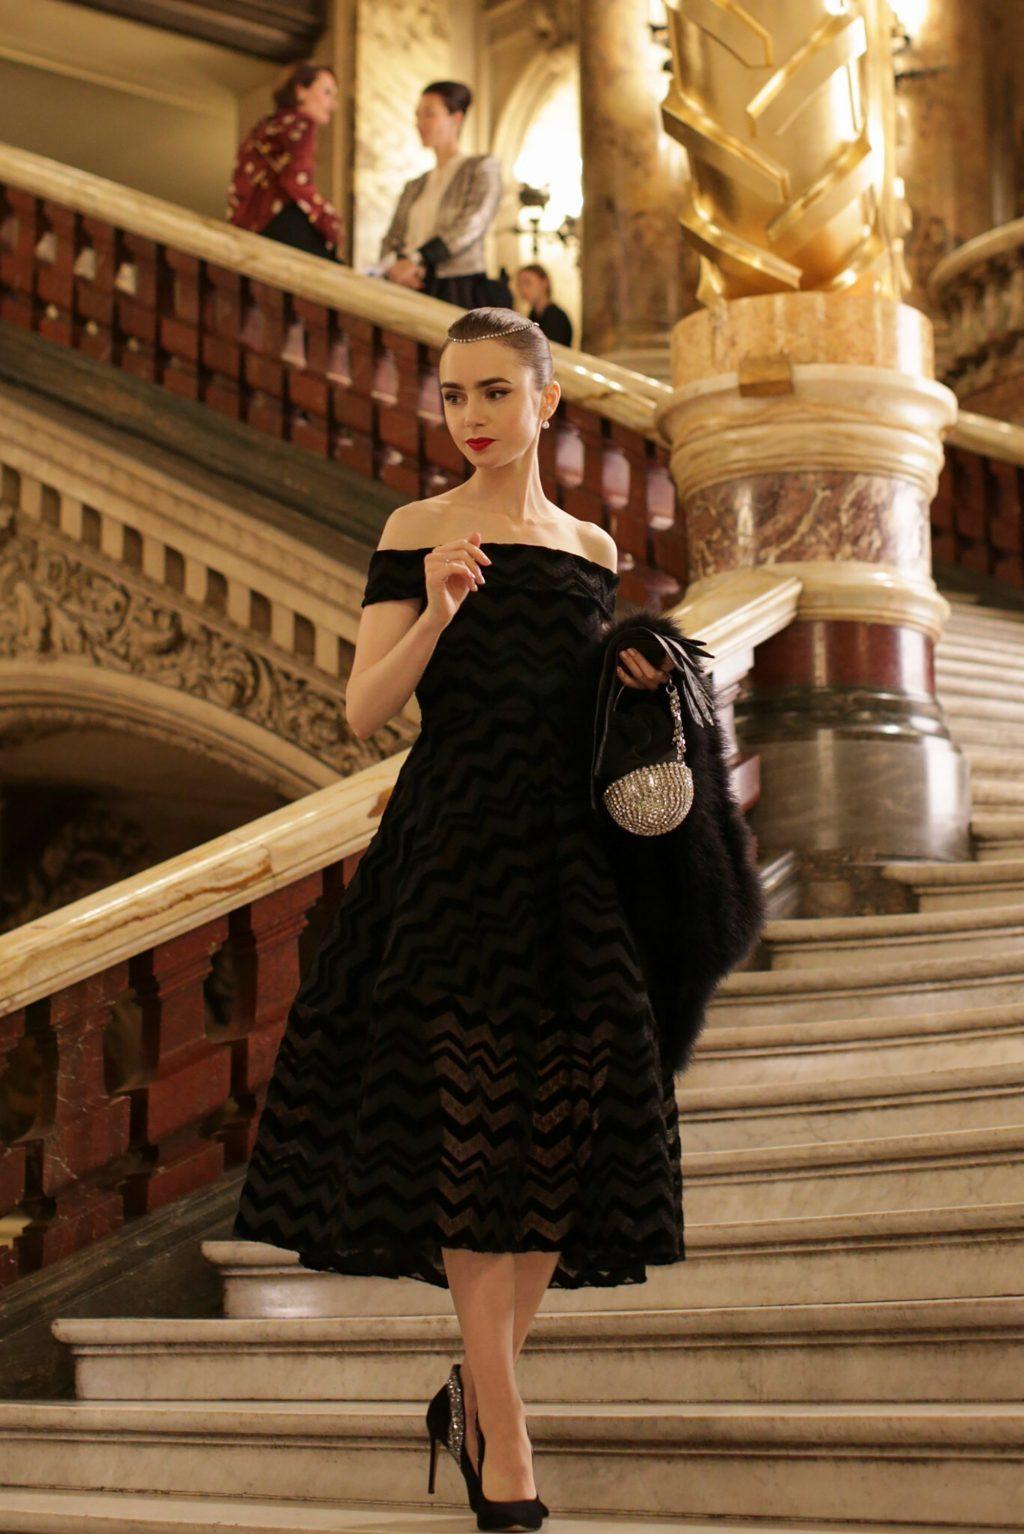 phong cách trang điểm phim Emily in Paris